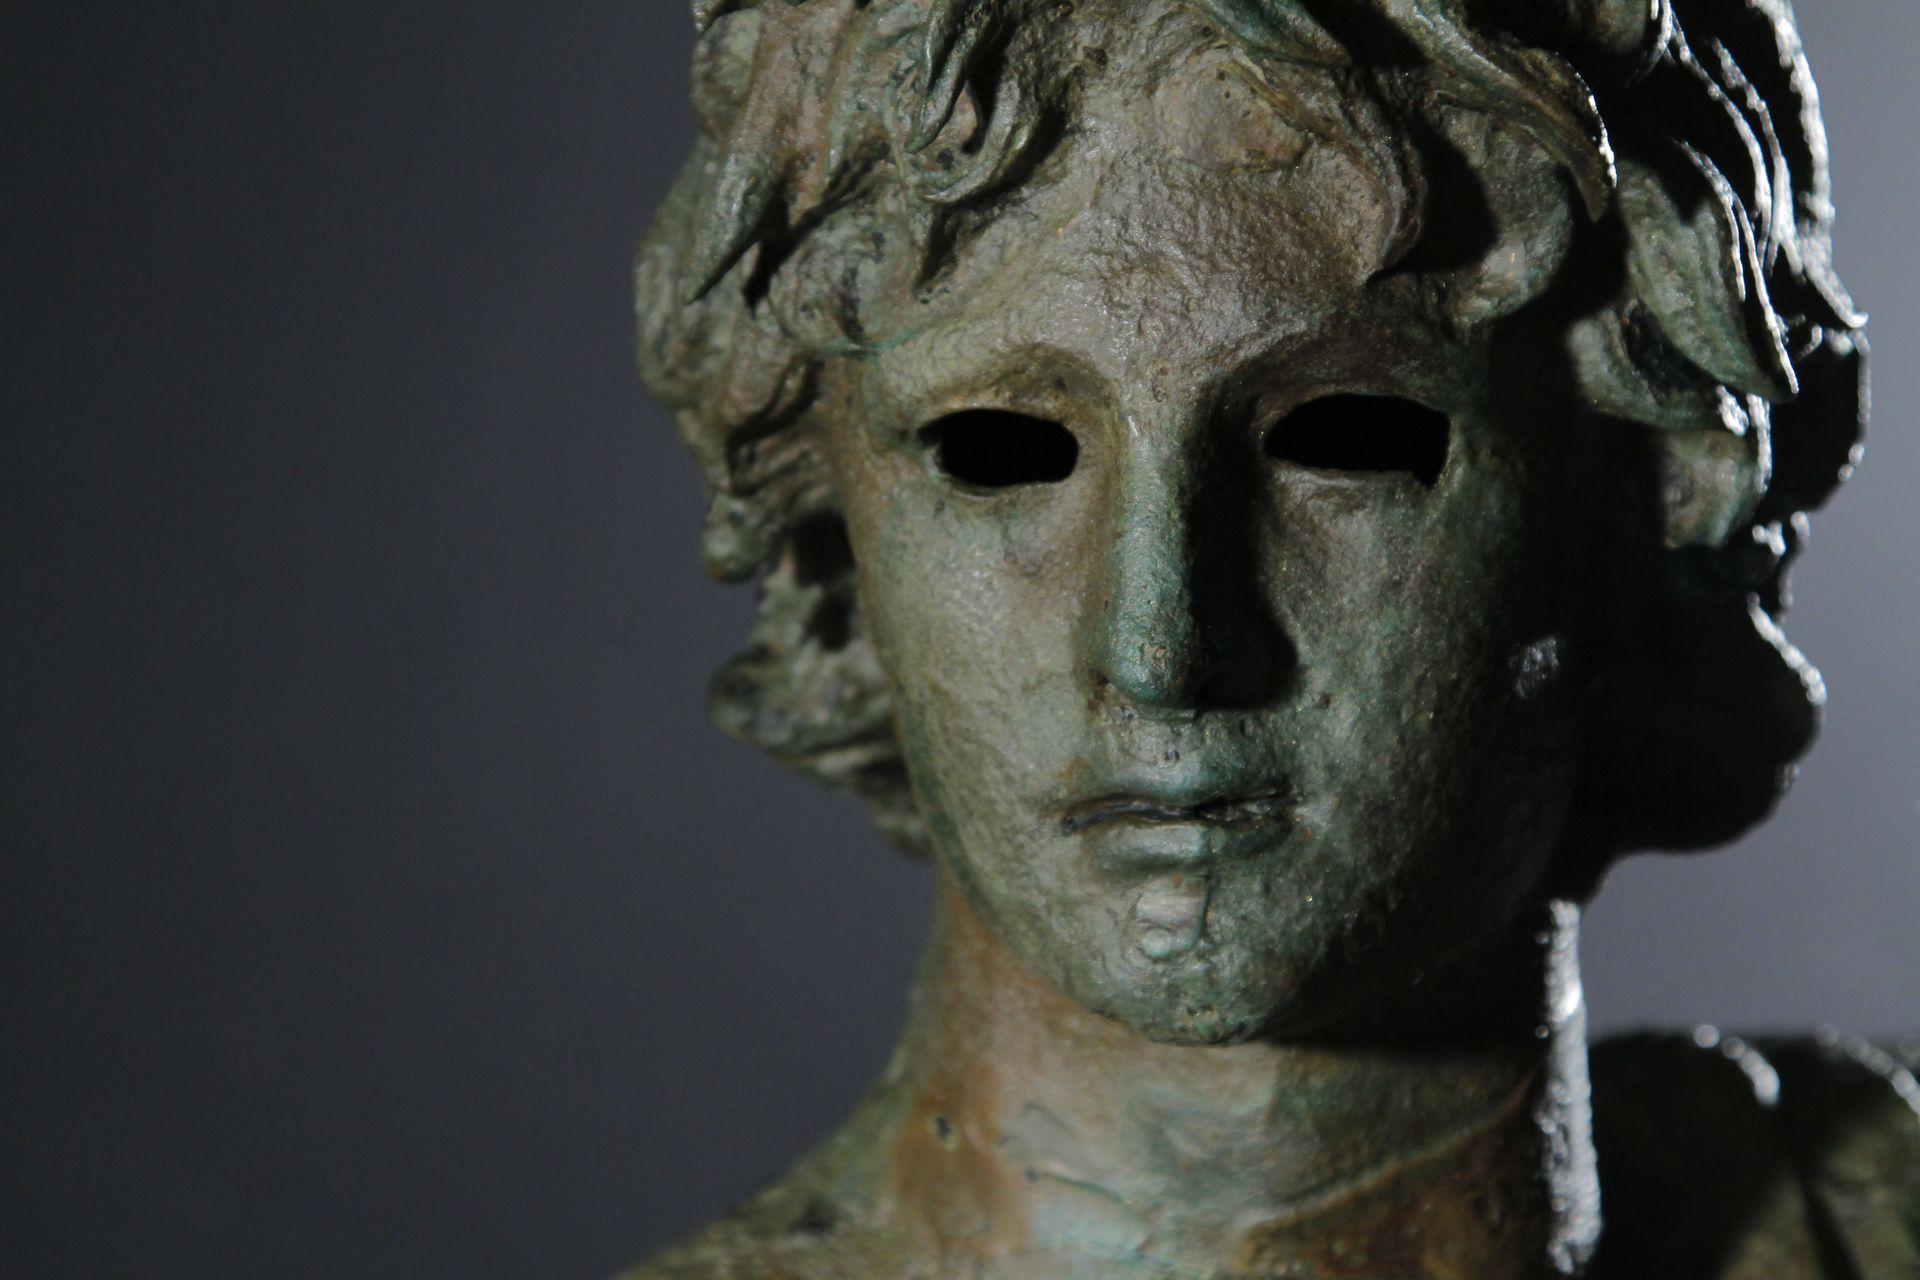 Tête en bronze de l'Ephèbe du musée archéologique d'Agde